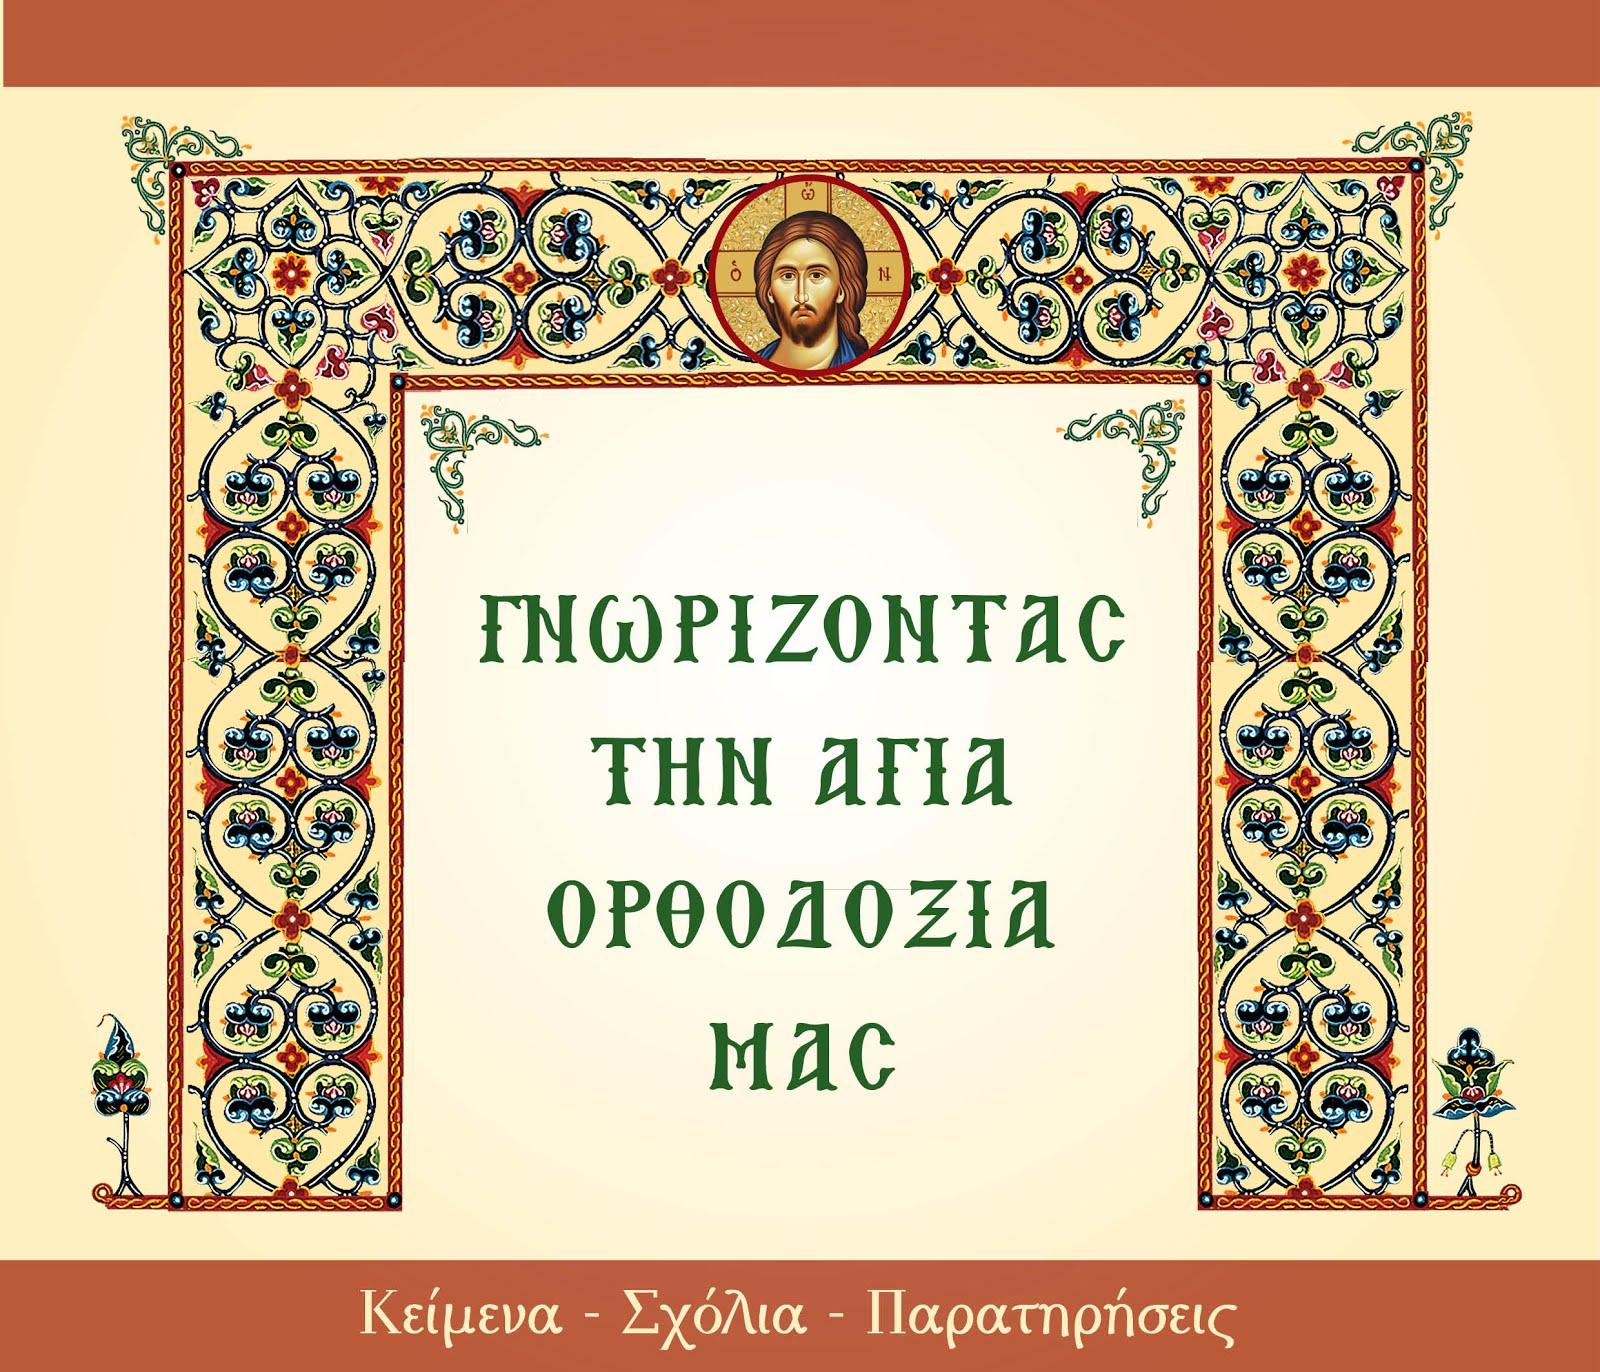 Γνωρίζοντας την Αγία Ορθοδοξία μας